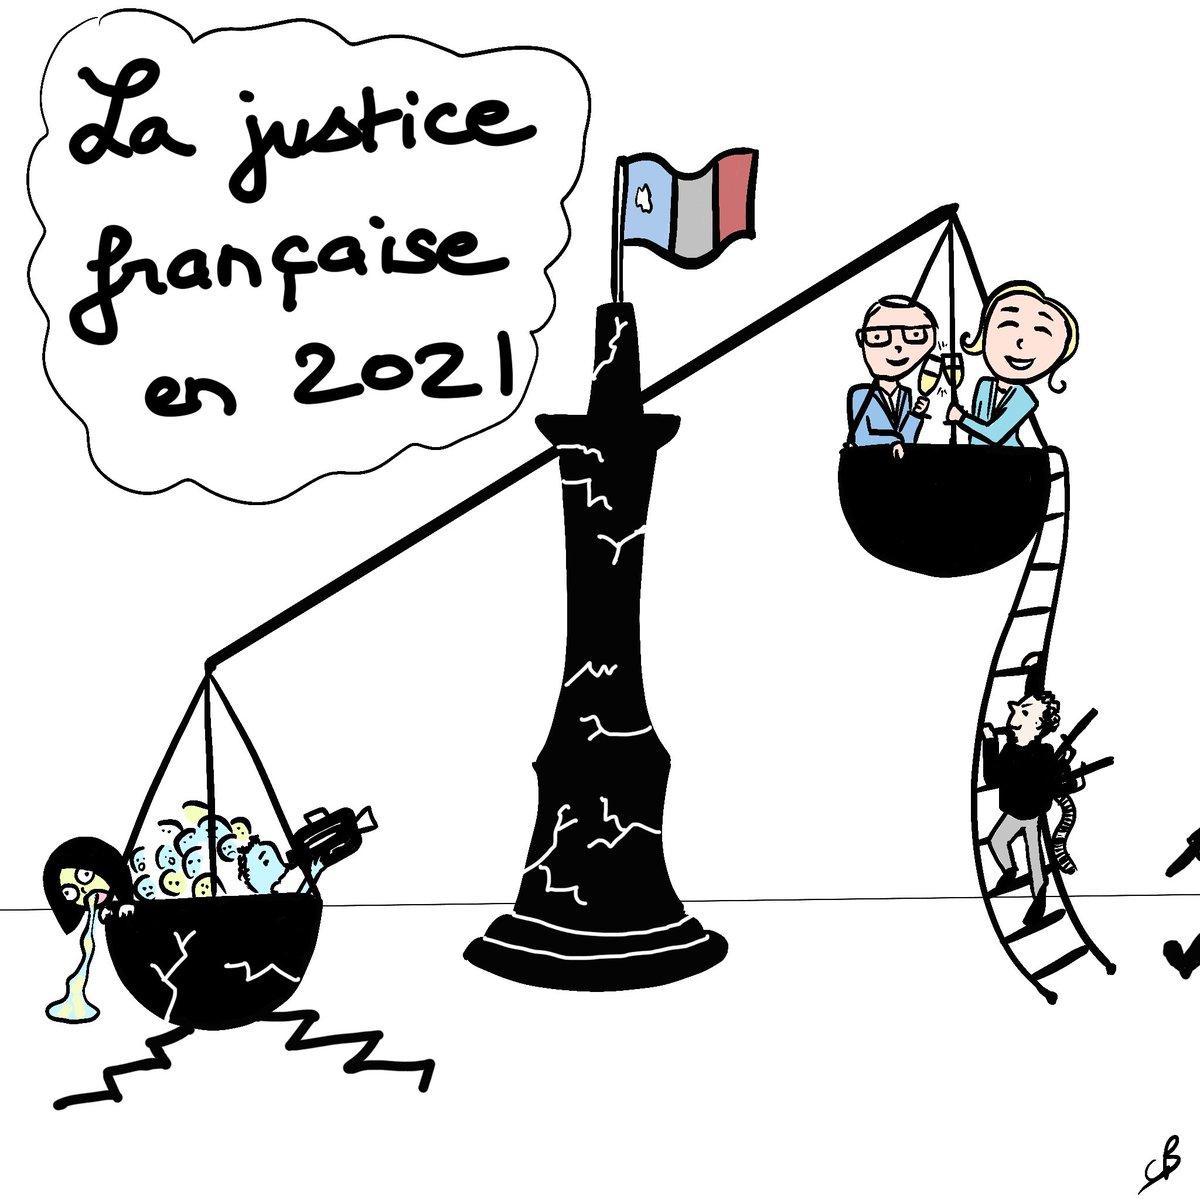 RT @cathbertrand5: La justice française en 2021 vue par une victime de terrorisme. https://t.co/nZ5WWJtbkU